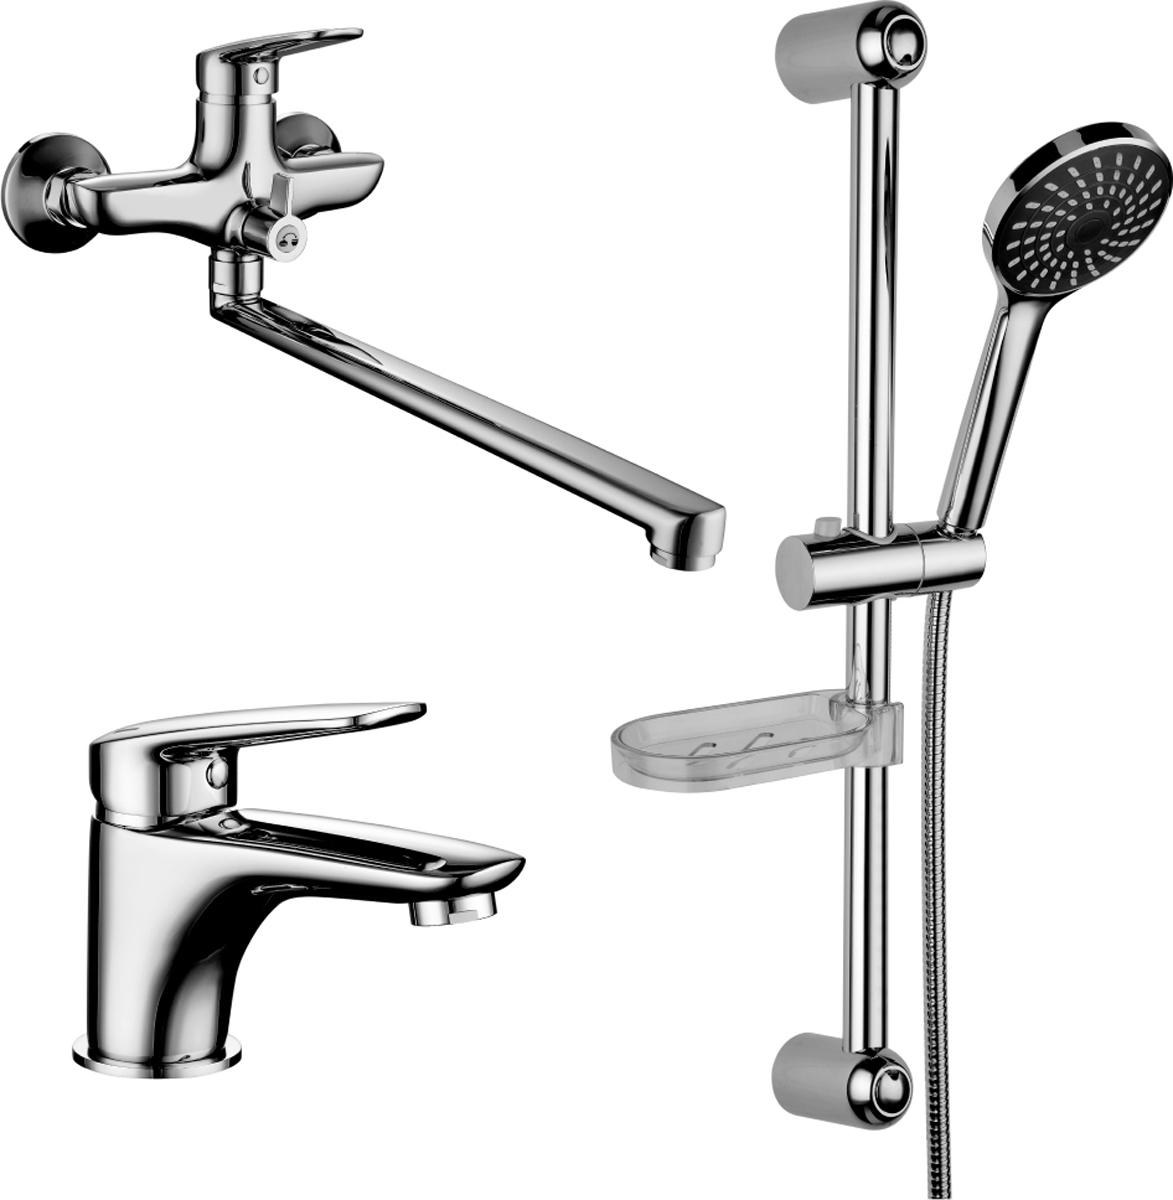 Смеситель Lemark Set, для ванной, 3 в 1LM7302CLM7302C.Комплект смесителей «3 в 1»:Смеситель для умывальника монолитный.• аэратор• керамический картридж 35 мм• гибкая подводка 1/2 35 см• металлическая рукояткаСмеситель для ванны с монолитным изливом.• аэратор• керамический картридж 35 мм• переключатель с керамическими пластинами• металлическая рукояткаДушевой гарнитур.• стойка для душа. Высота – 595 мм• 1-функциональная лейка O98 мм. Режим: распыление• регулируемое по высоте крепление для лейки• душевой шланг 1,5 м (стальной, оплетка с двойным загибом)• регулируемая по высоте мыльницаСмесители LEMARK рассчитаны на 30 лет комфортной эксплуатации.В них соединены современные технологии производства и продуманный конструктив. Установлены комплектующие от известных мировых производителей, являющихся лидерами в своих сегментах:• немецкие аэраторы Neoperl – устройства, регулирующие расход воды;• керамические картриджи и кран-буксы испанской фирмы Sedal.Вся продукция LEMARK устанавливается не только в частном секторе, но и с успехом эксплуатируется в офисах Hewlett-Packard, Walt Disney Studios Sony Pictures Releasing, Mail.ru Group, а также в новом терминале аэропорта «Толмачево» в Новосибирске.Сегодня на смесители LEMARK установлен беспрецедентный 10-летний период бесплатного сервисного обслуживания. Данное условие действует, даже если монтаж изделий производится покупателями cамостоятельно.Сервисная сеть насчитывает 90 гарантийных мастерских по России и странам СНГ.